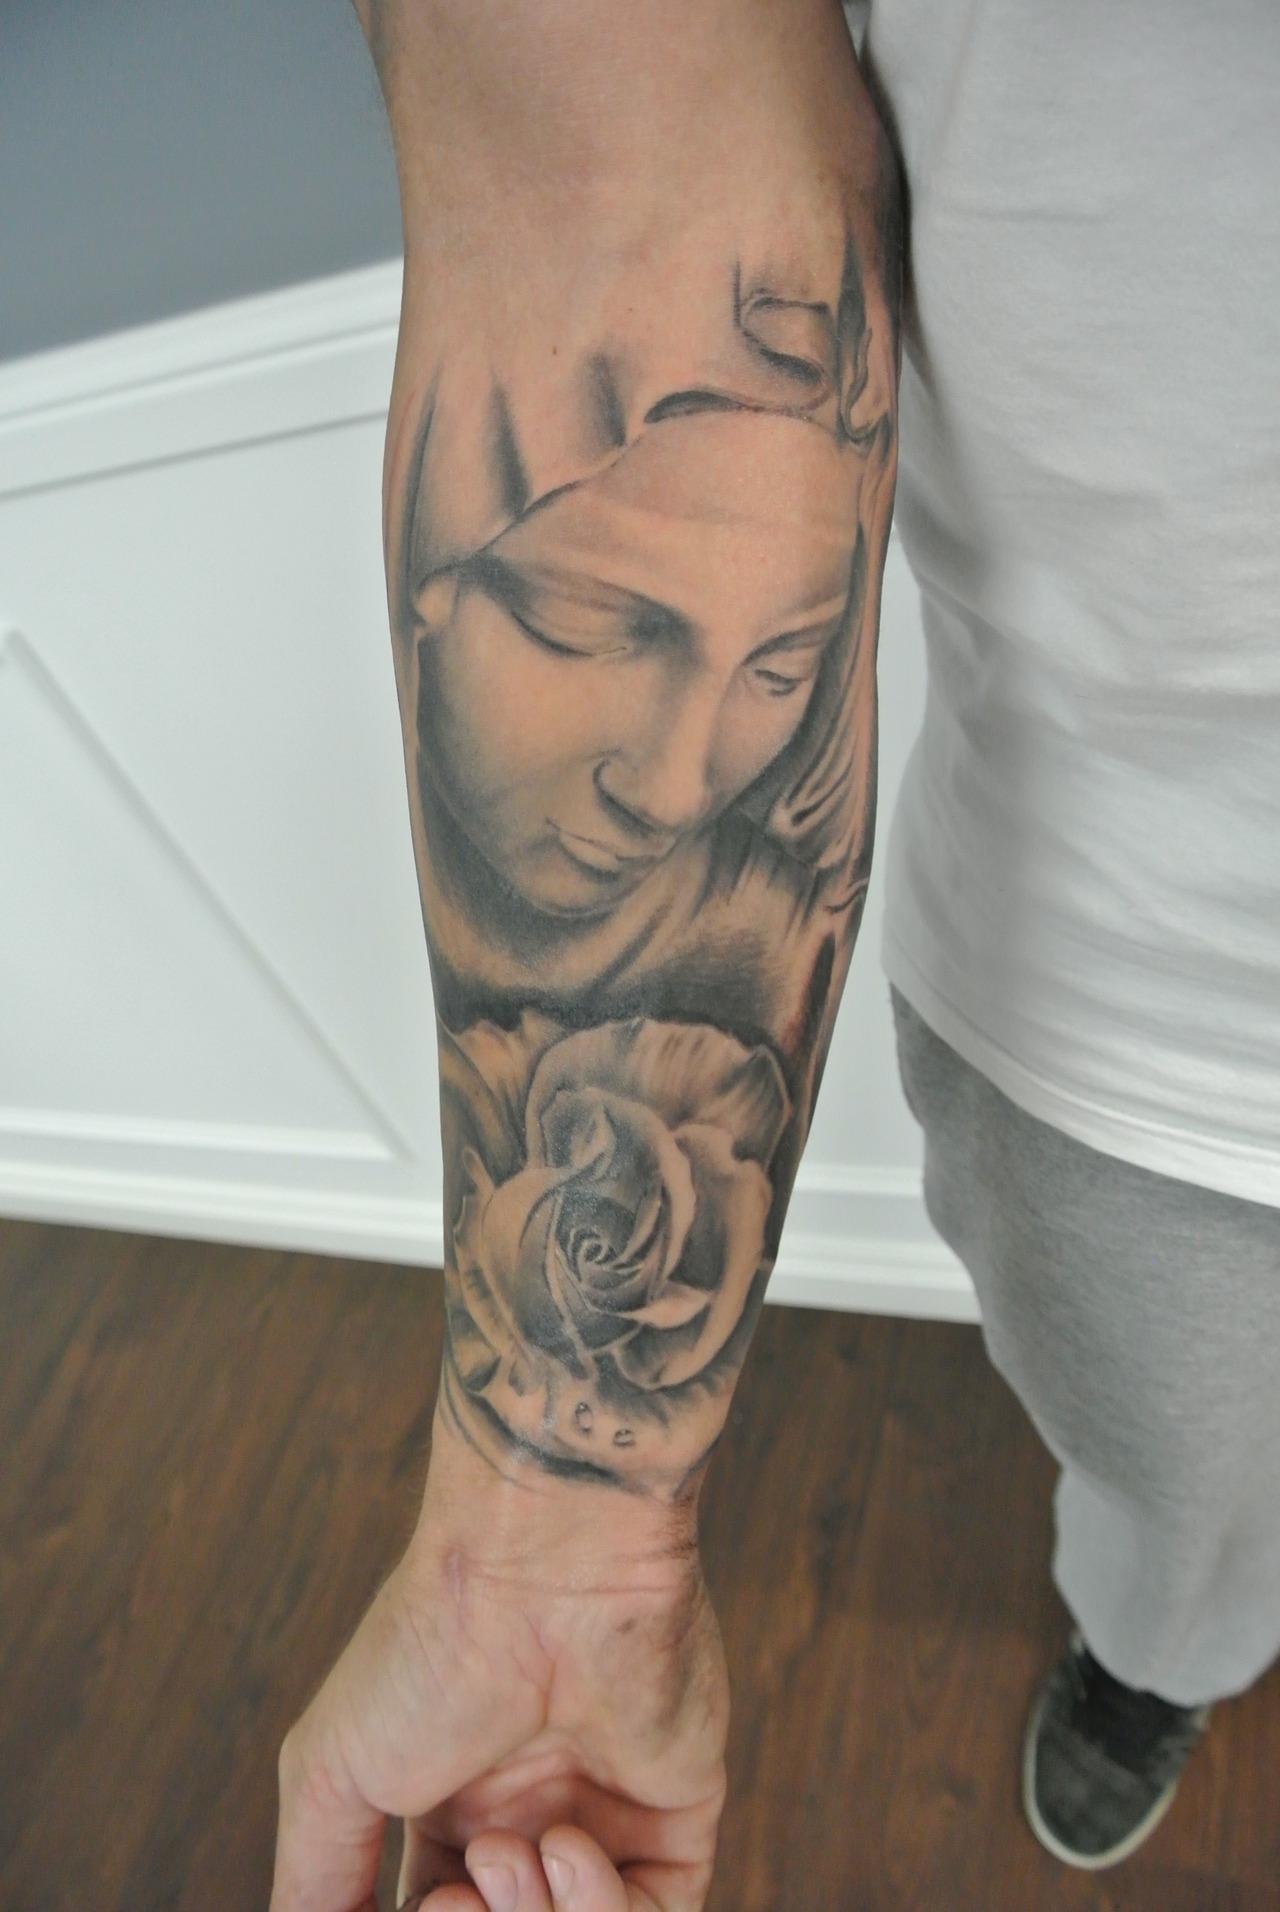 Tatuaje de la Virgen María en el brazo